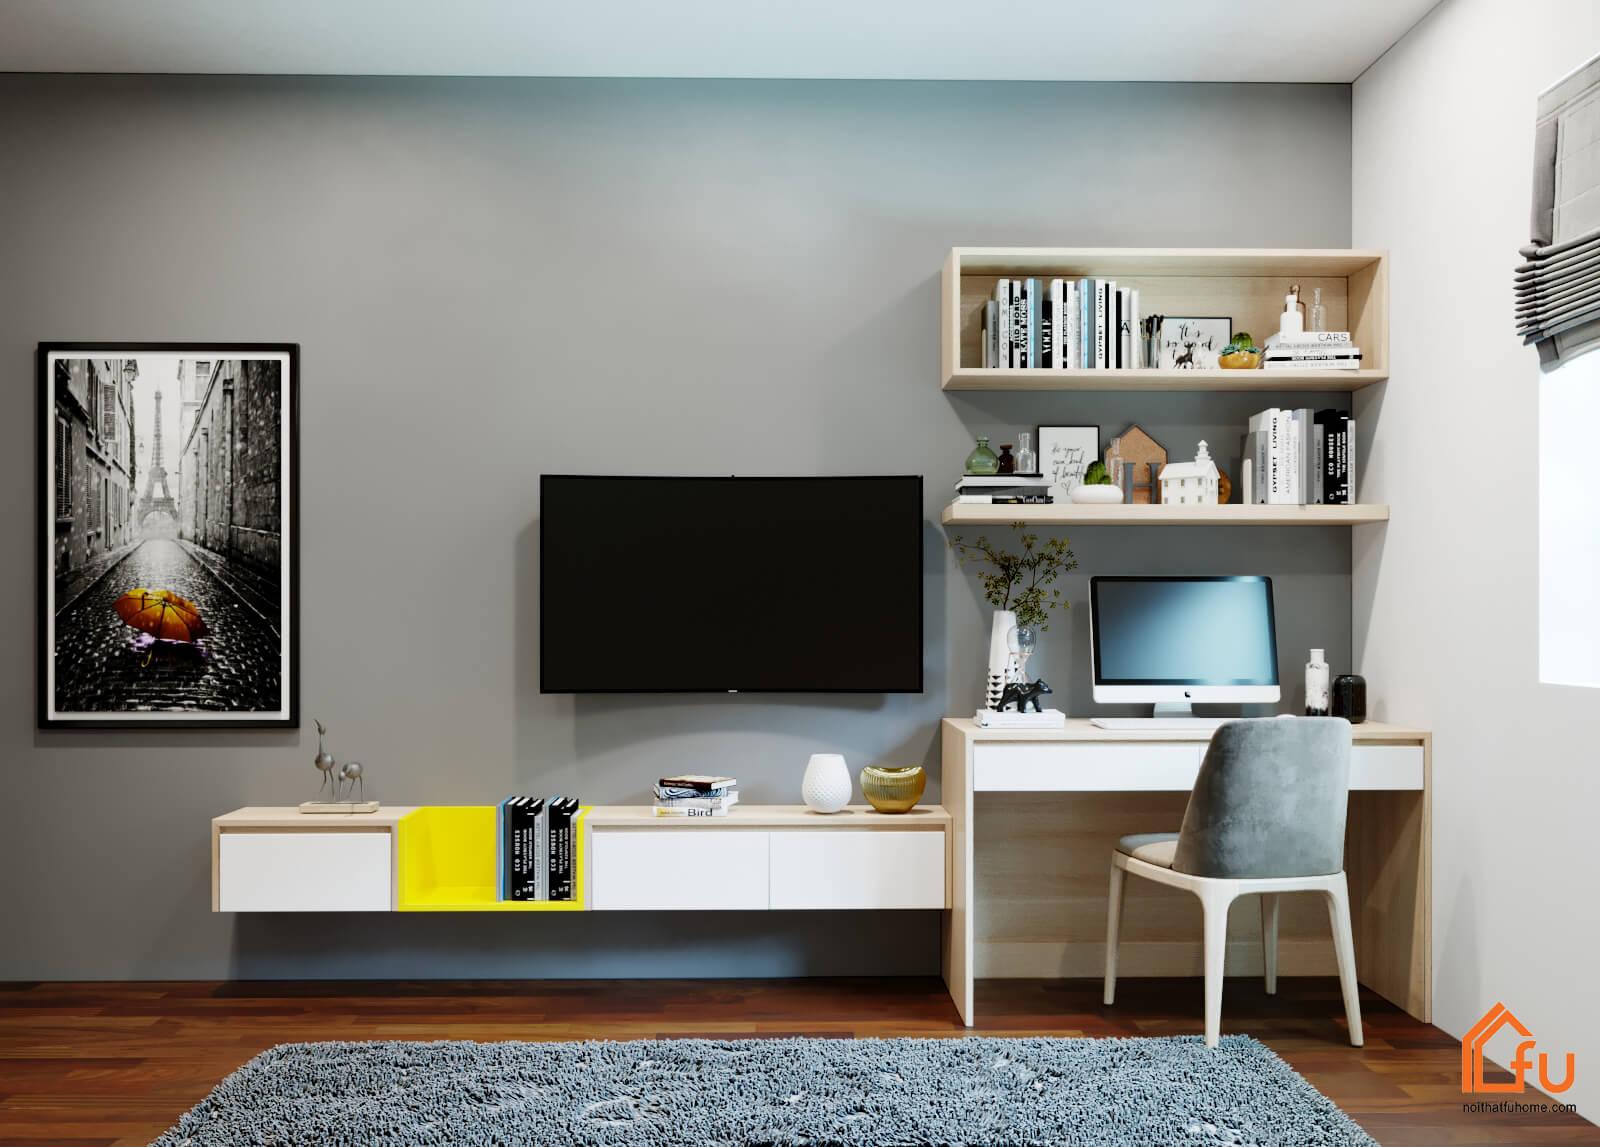 thiết kế, thi công nội thất chung cư TPHCM 1